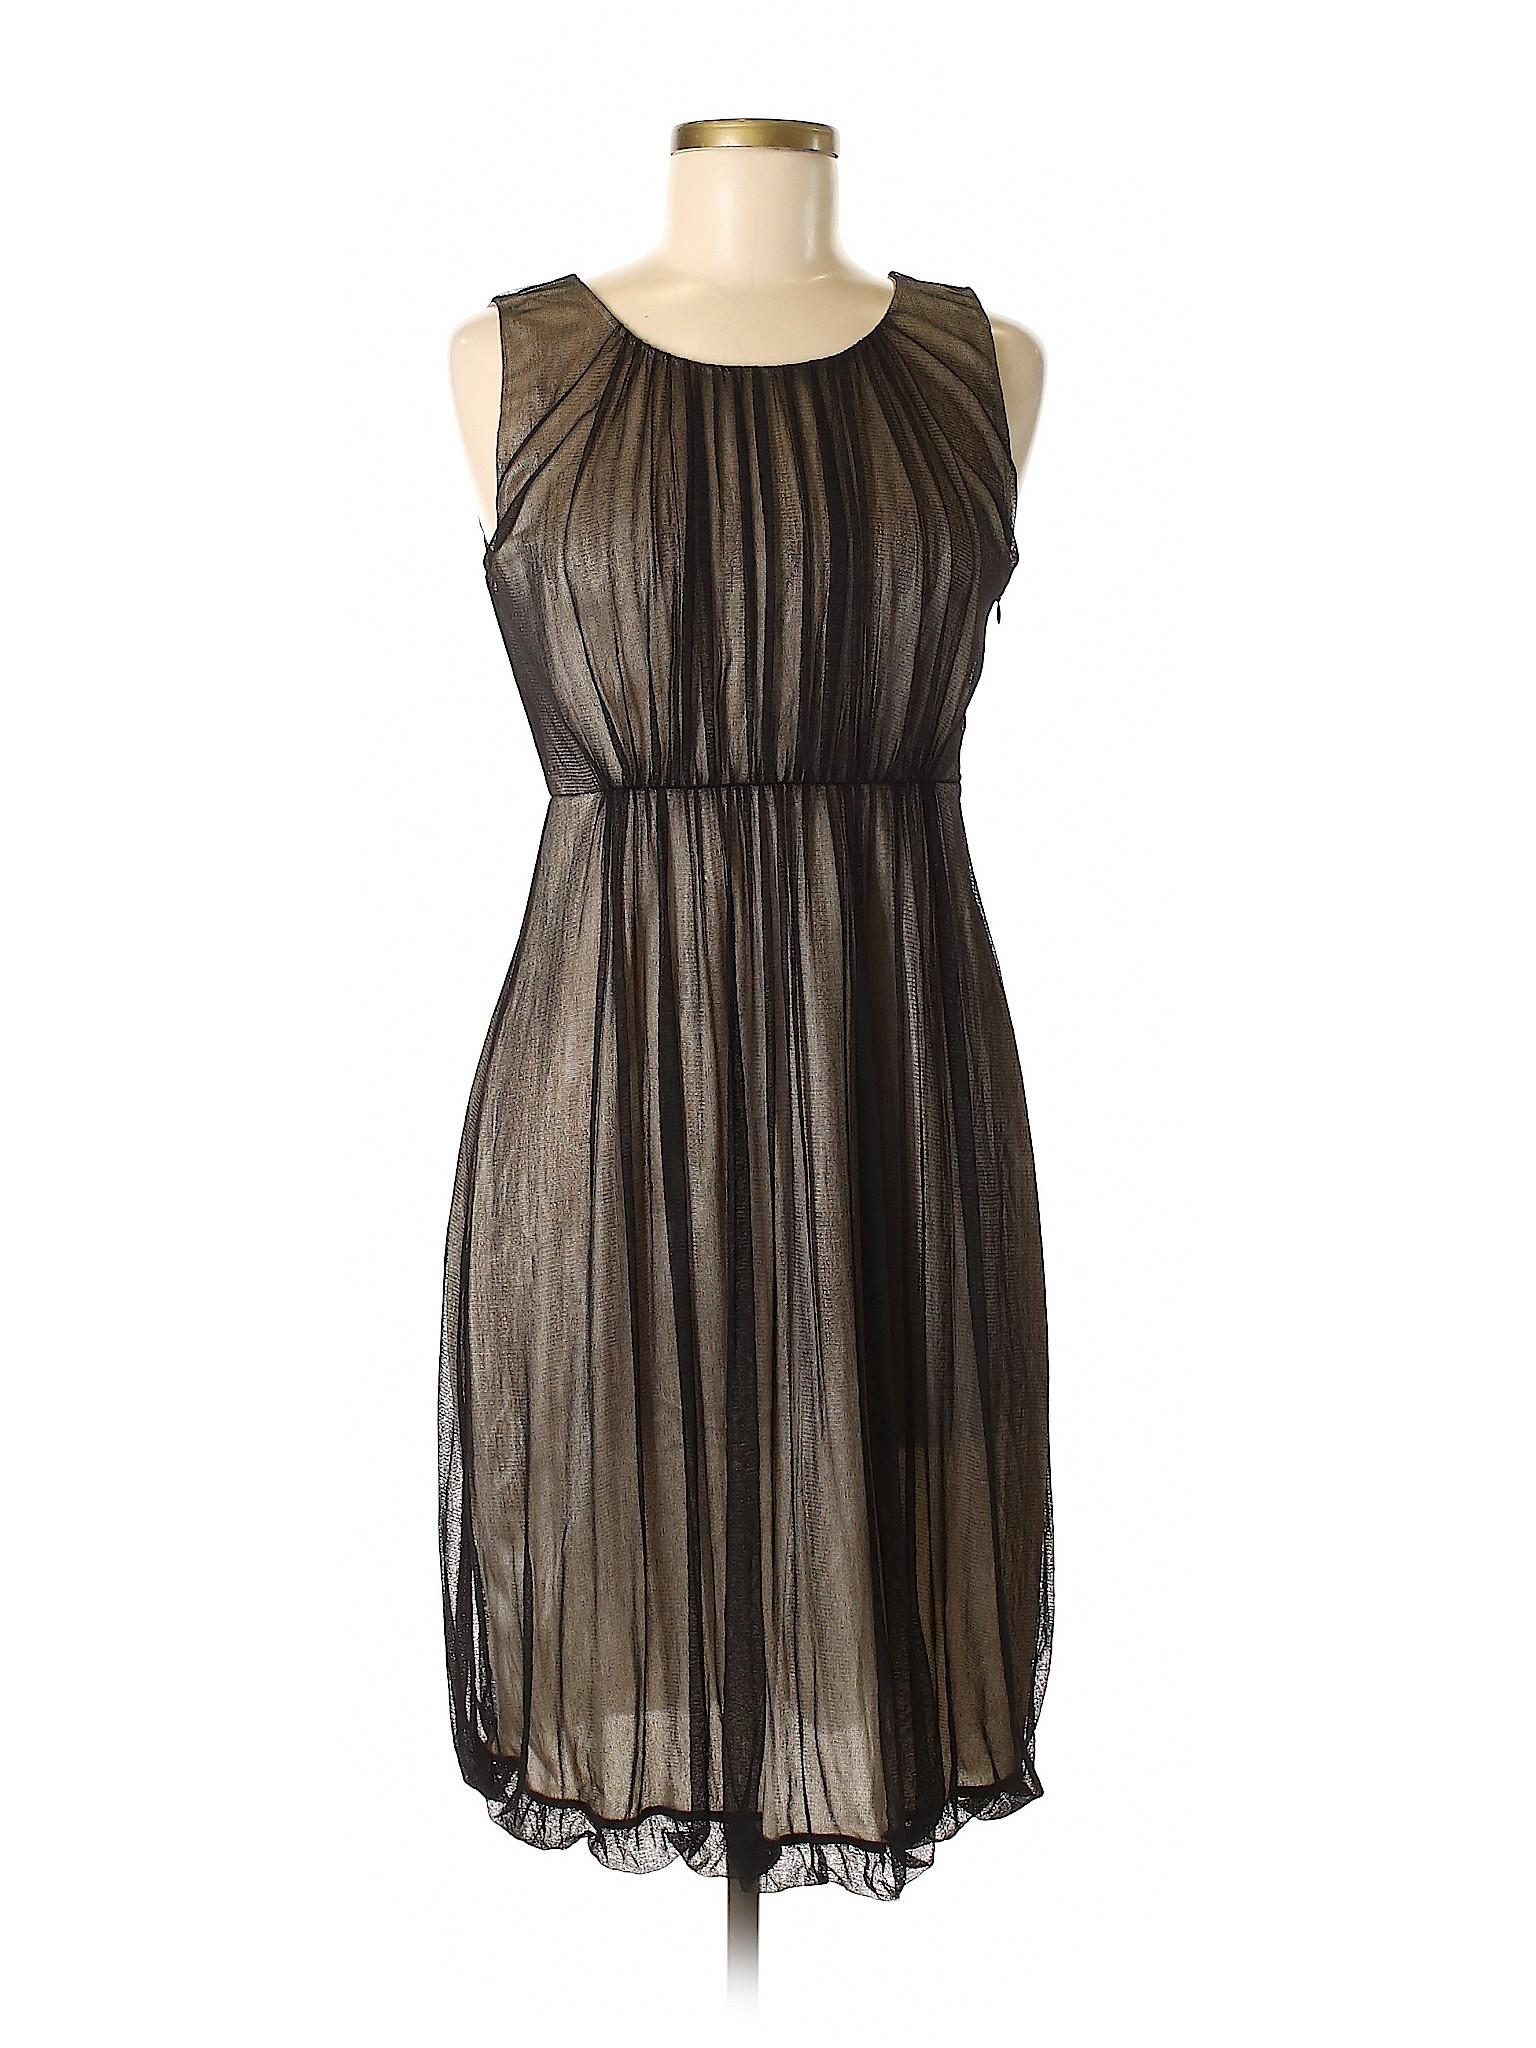 winter Boutique FUZZI Boutique Dress FUZZI Dress FUZZI winter Casual Boutique Casual Casual winter tqwwaH5